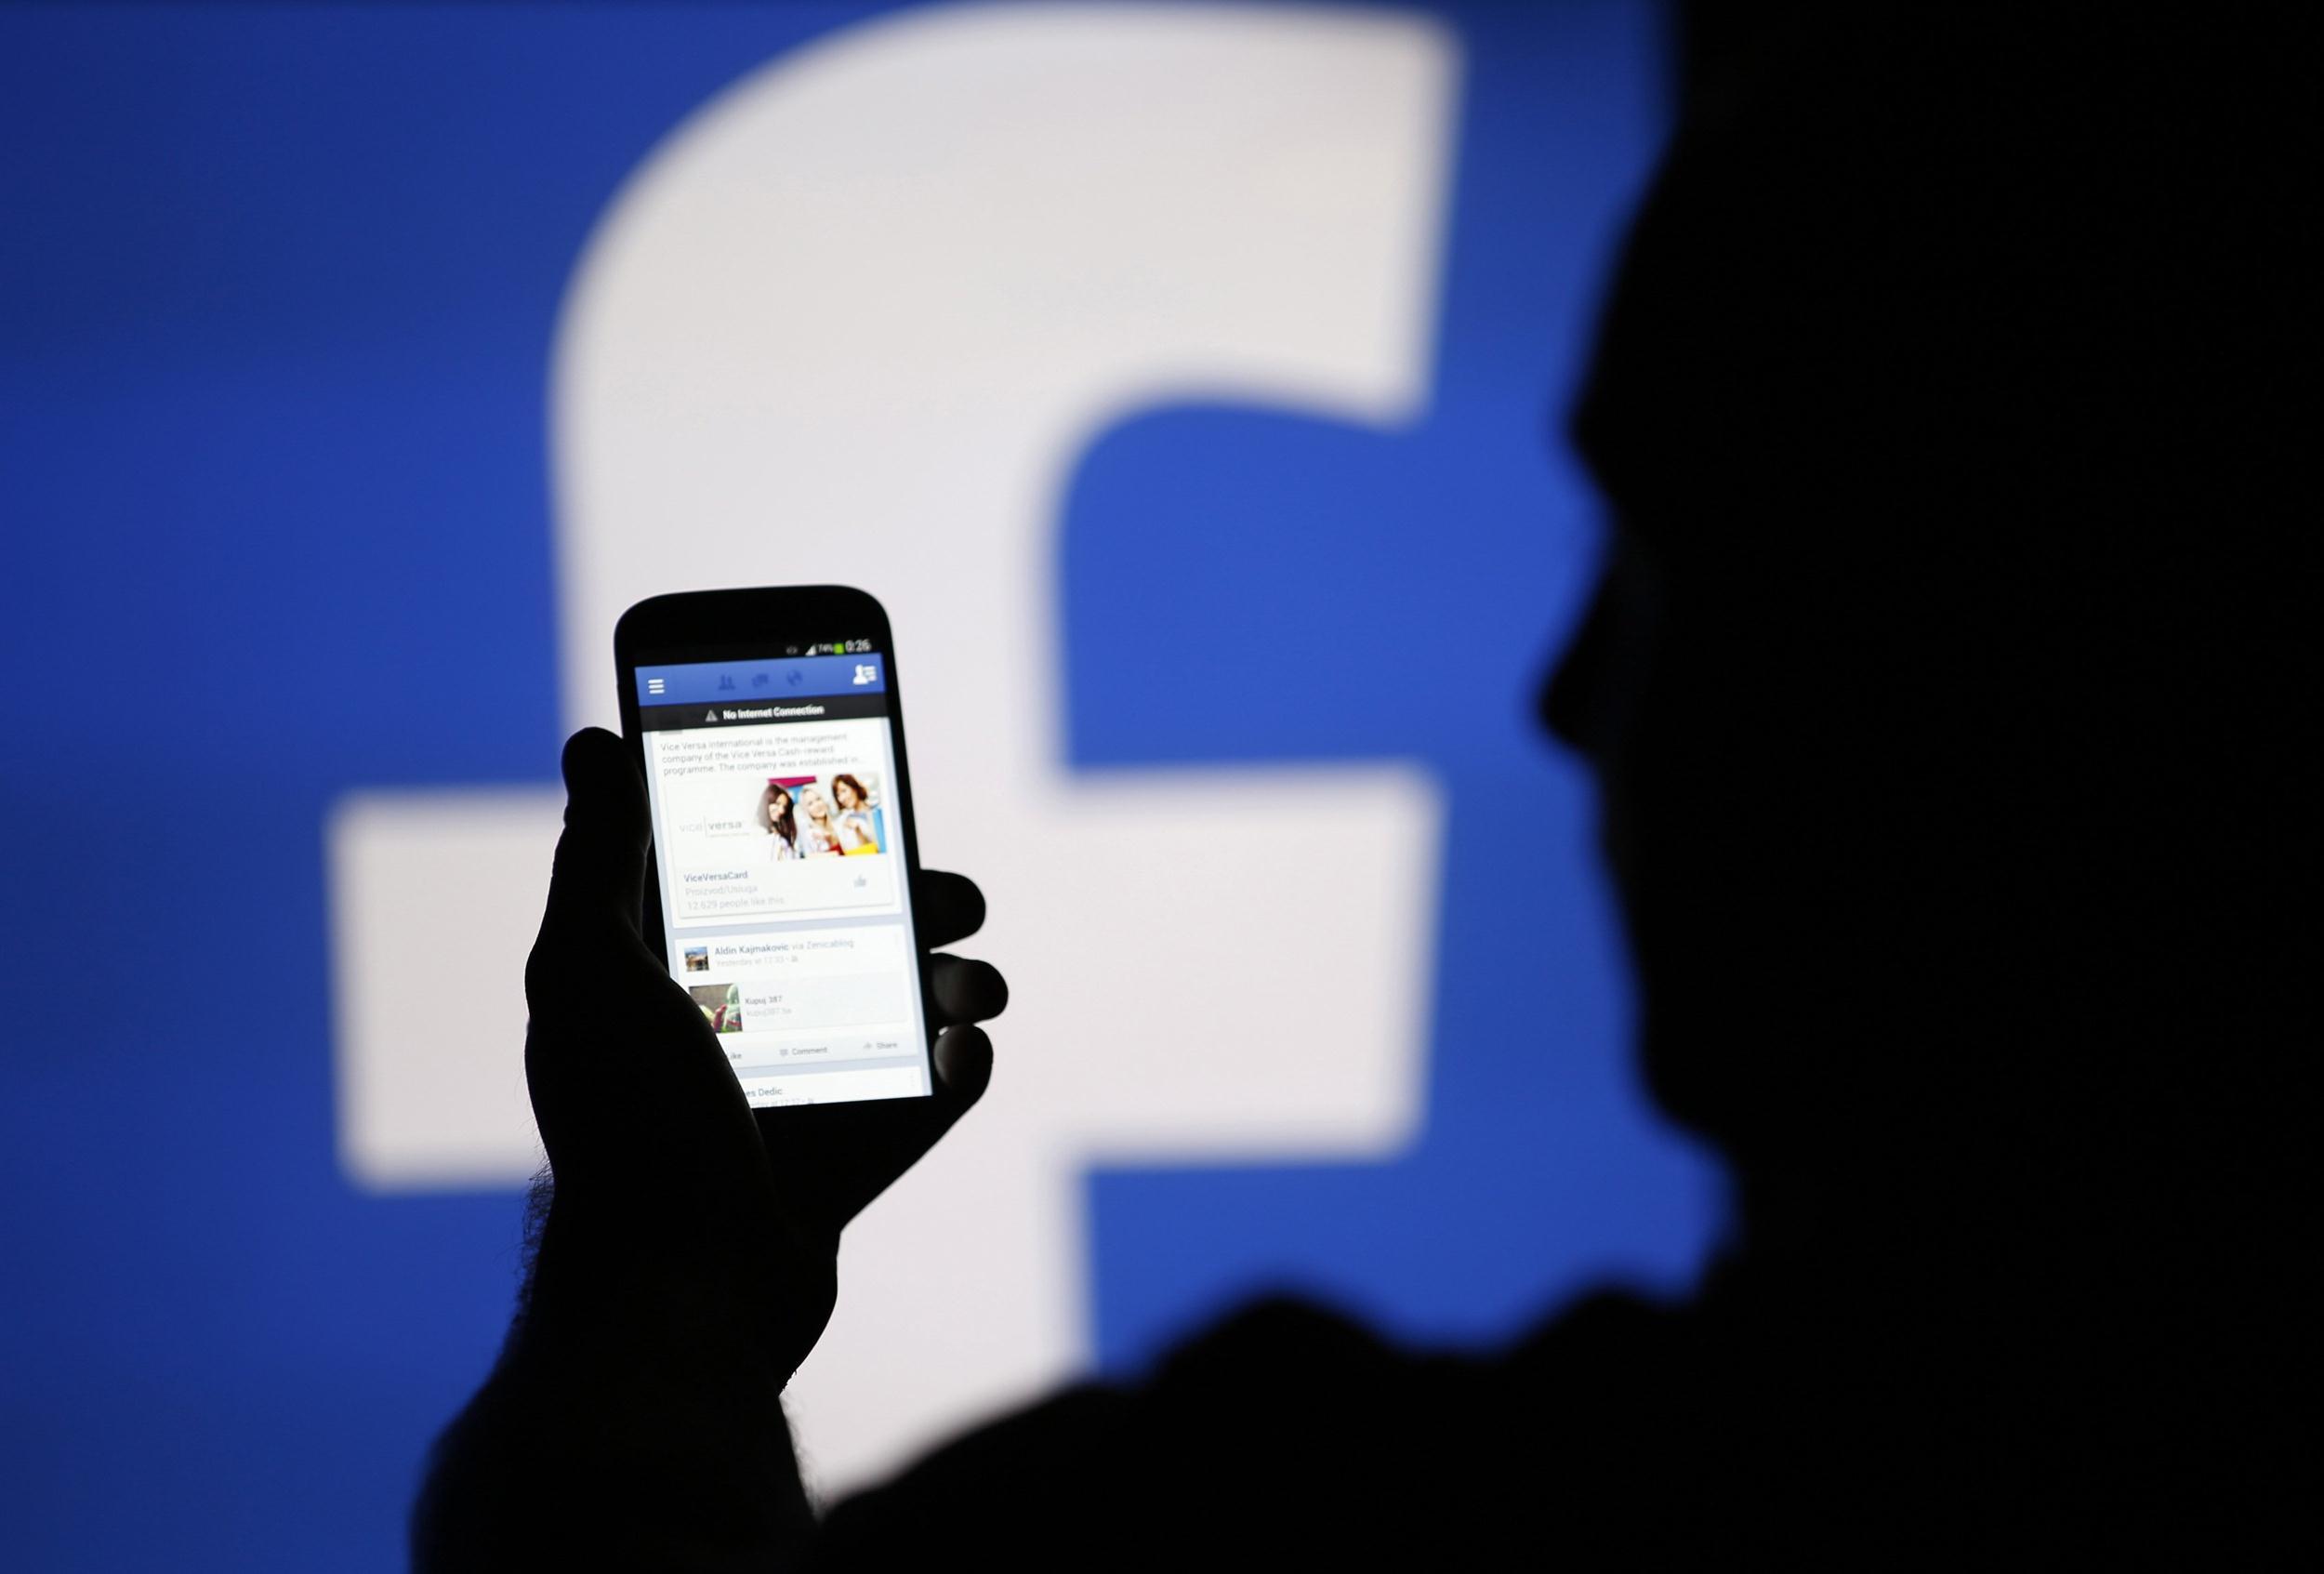 Disattivare sincronizzazione automatica foto di Facebook